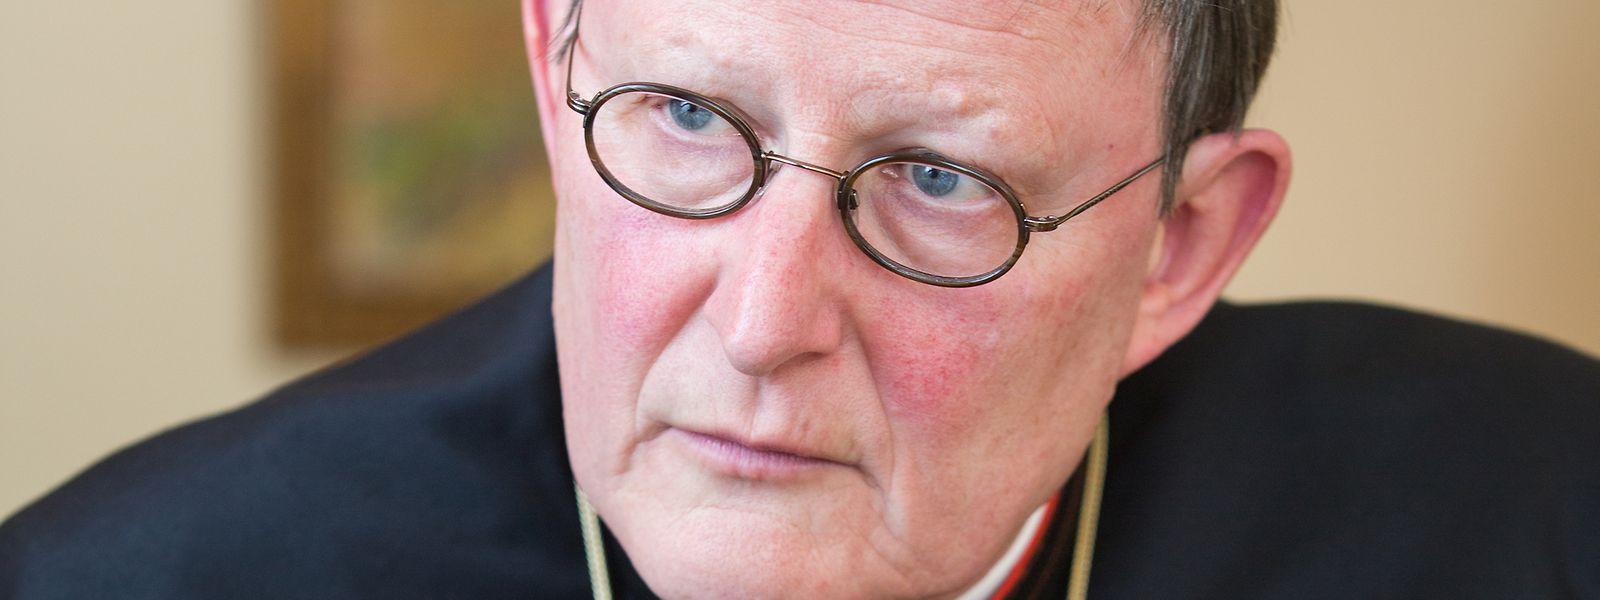 Der Kölner Kardinal Rainer Maria Woelki steht wegen seines Umgangs mit der Missbrauchs-Aufarbeitung unter harscher Kritik.